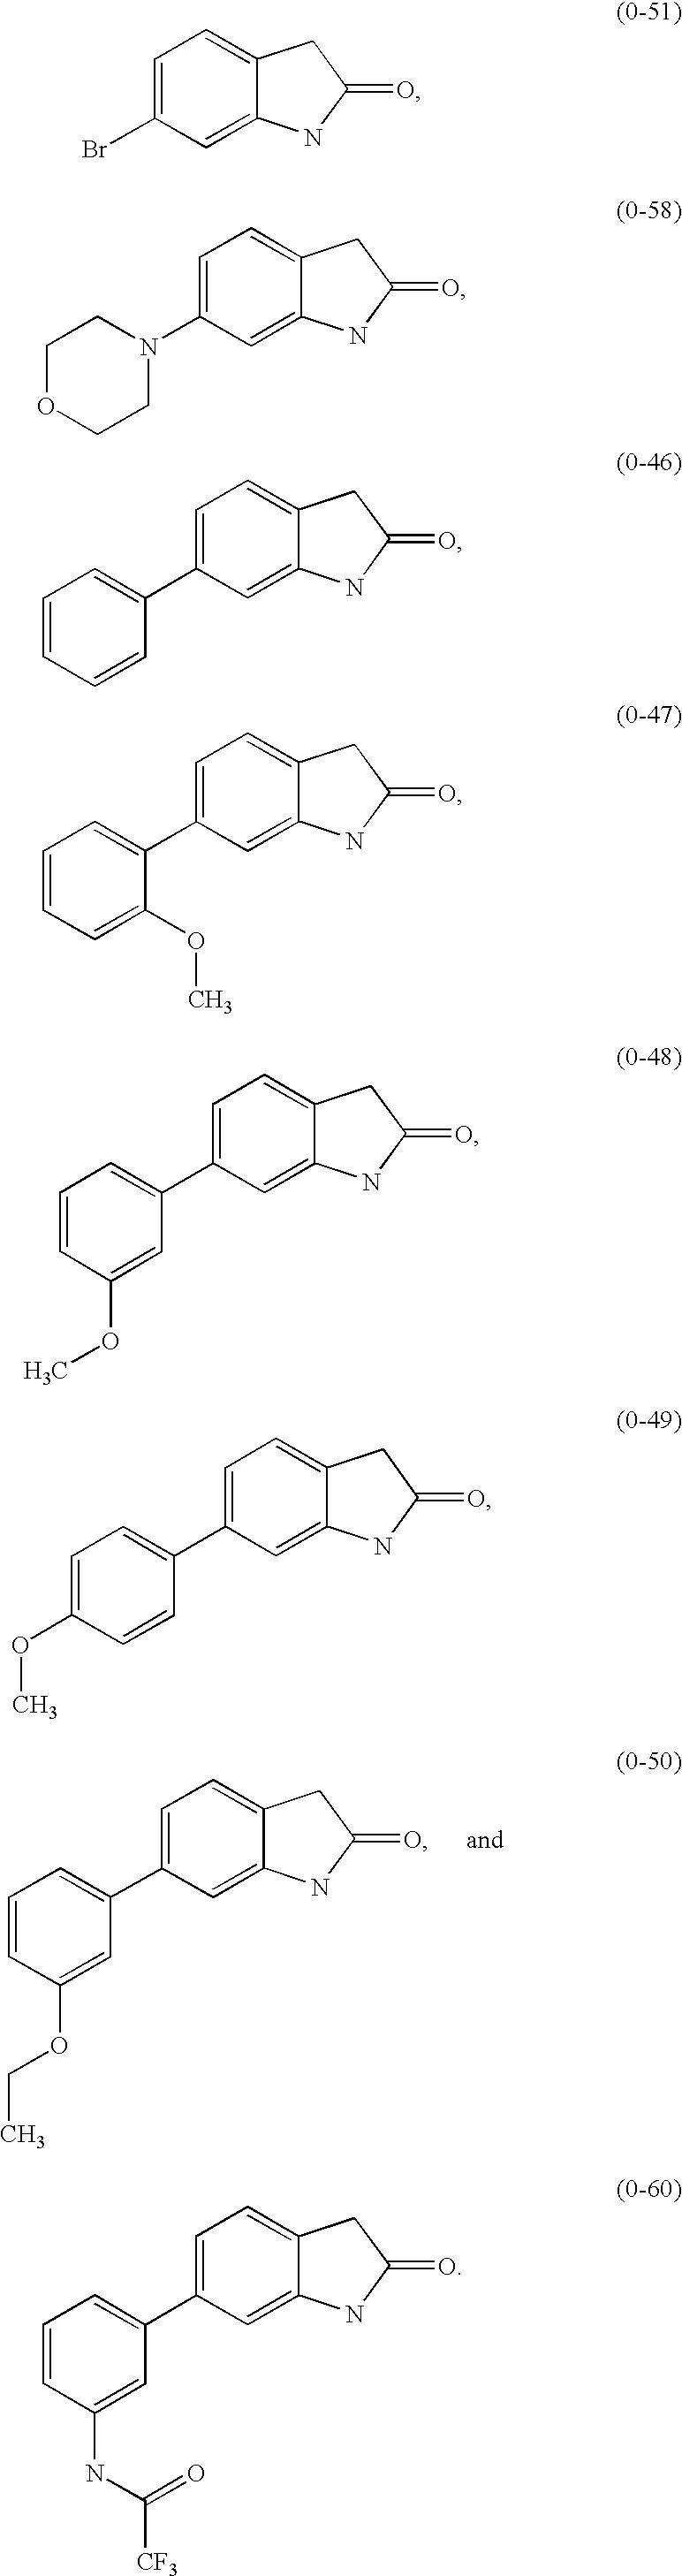 Figure US20030203901A1-20031030-C00038